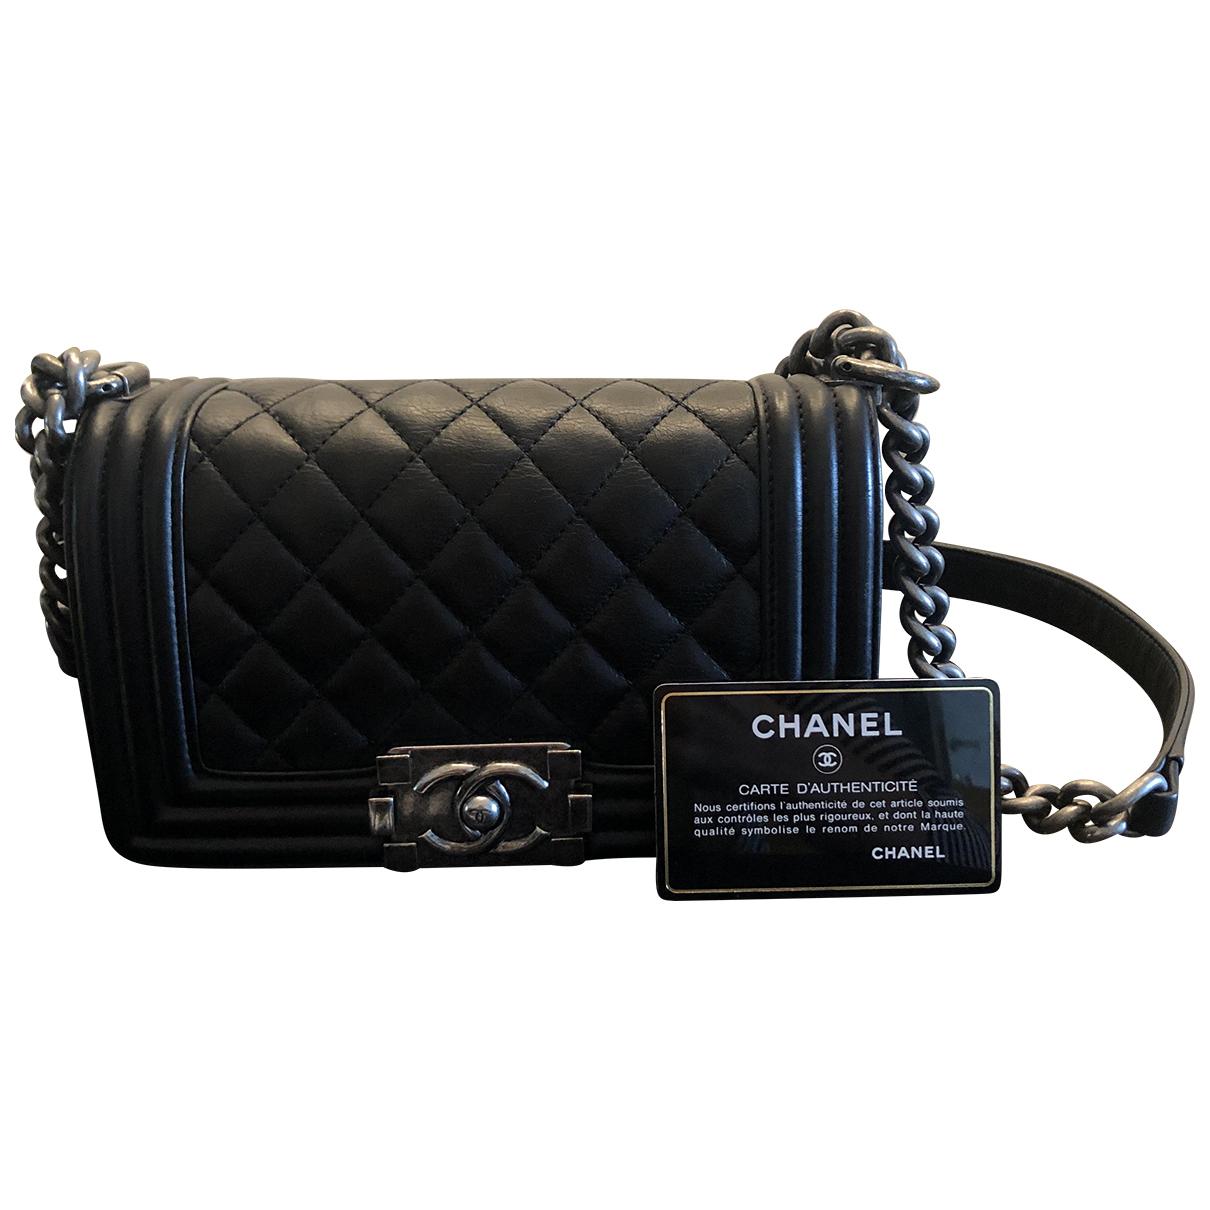 Chanel - Sac a main Boy pour femme en cuir - noir